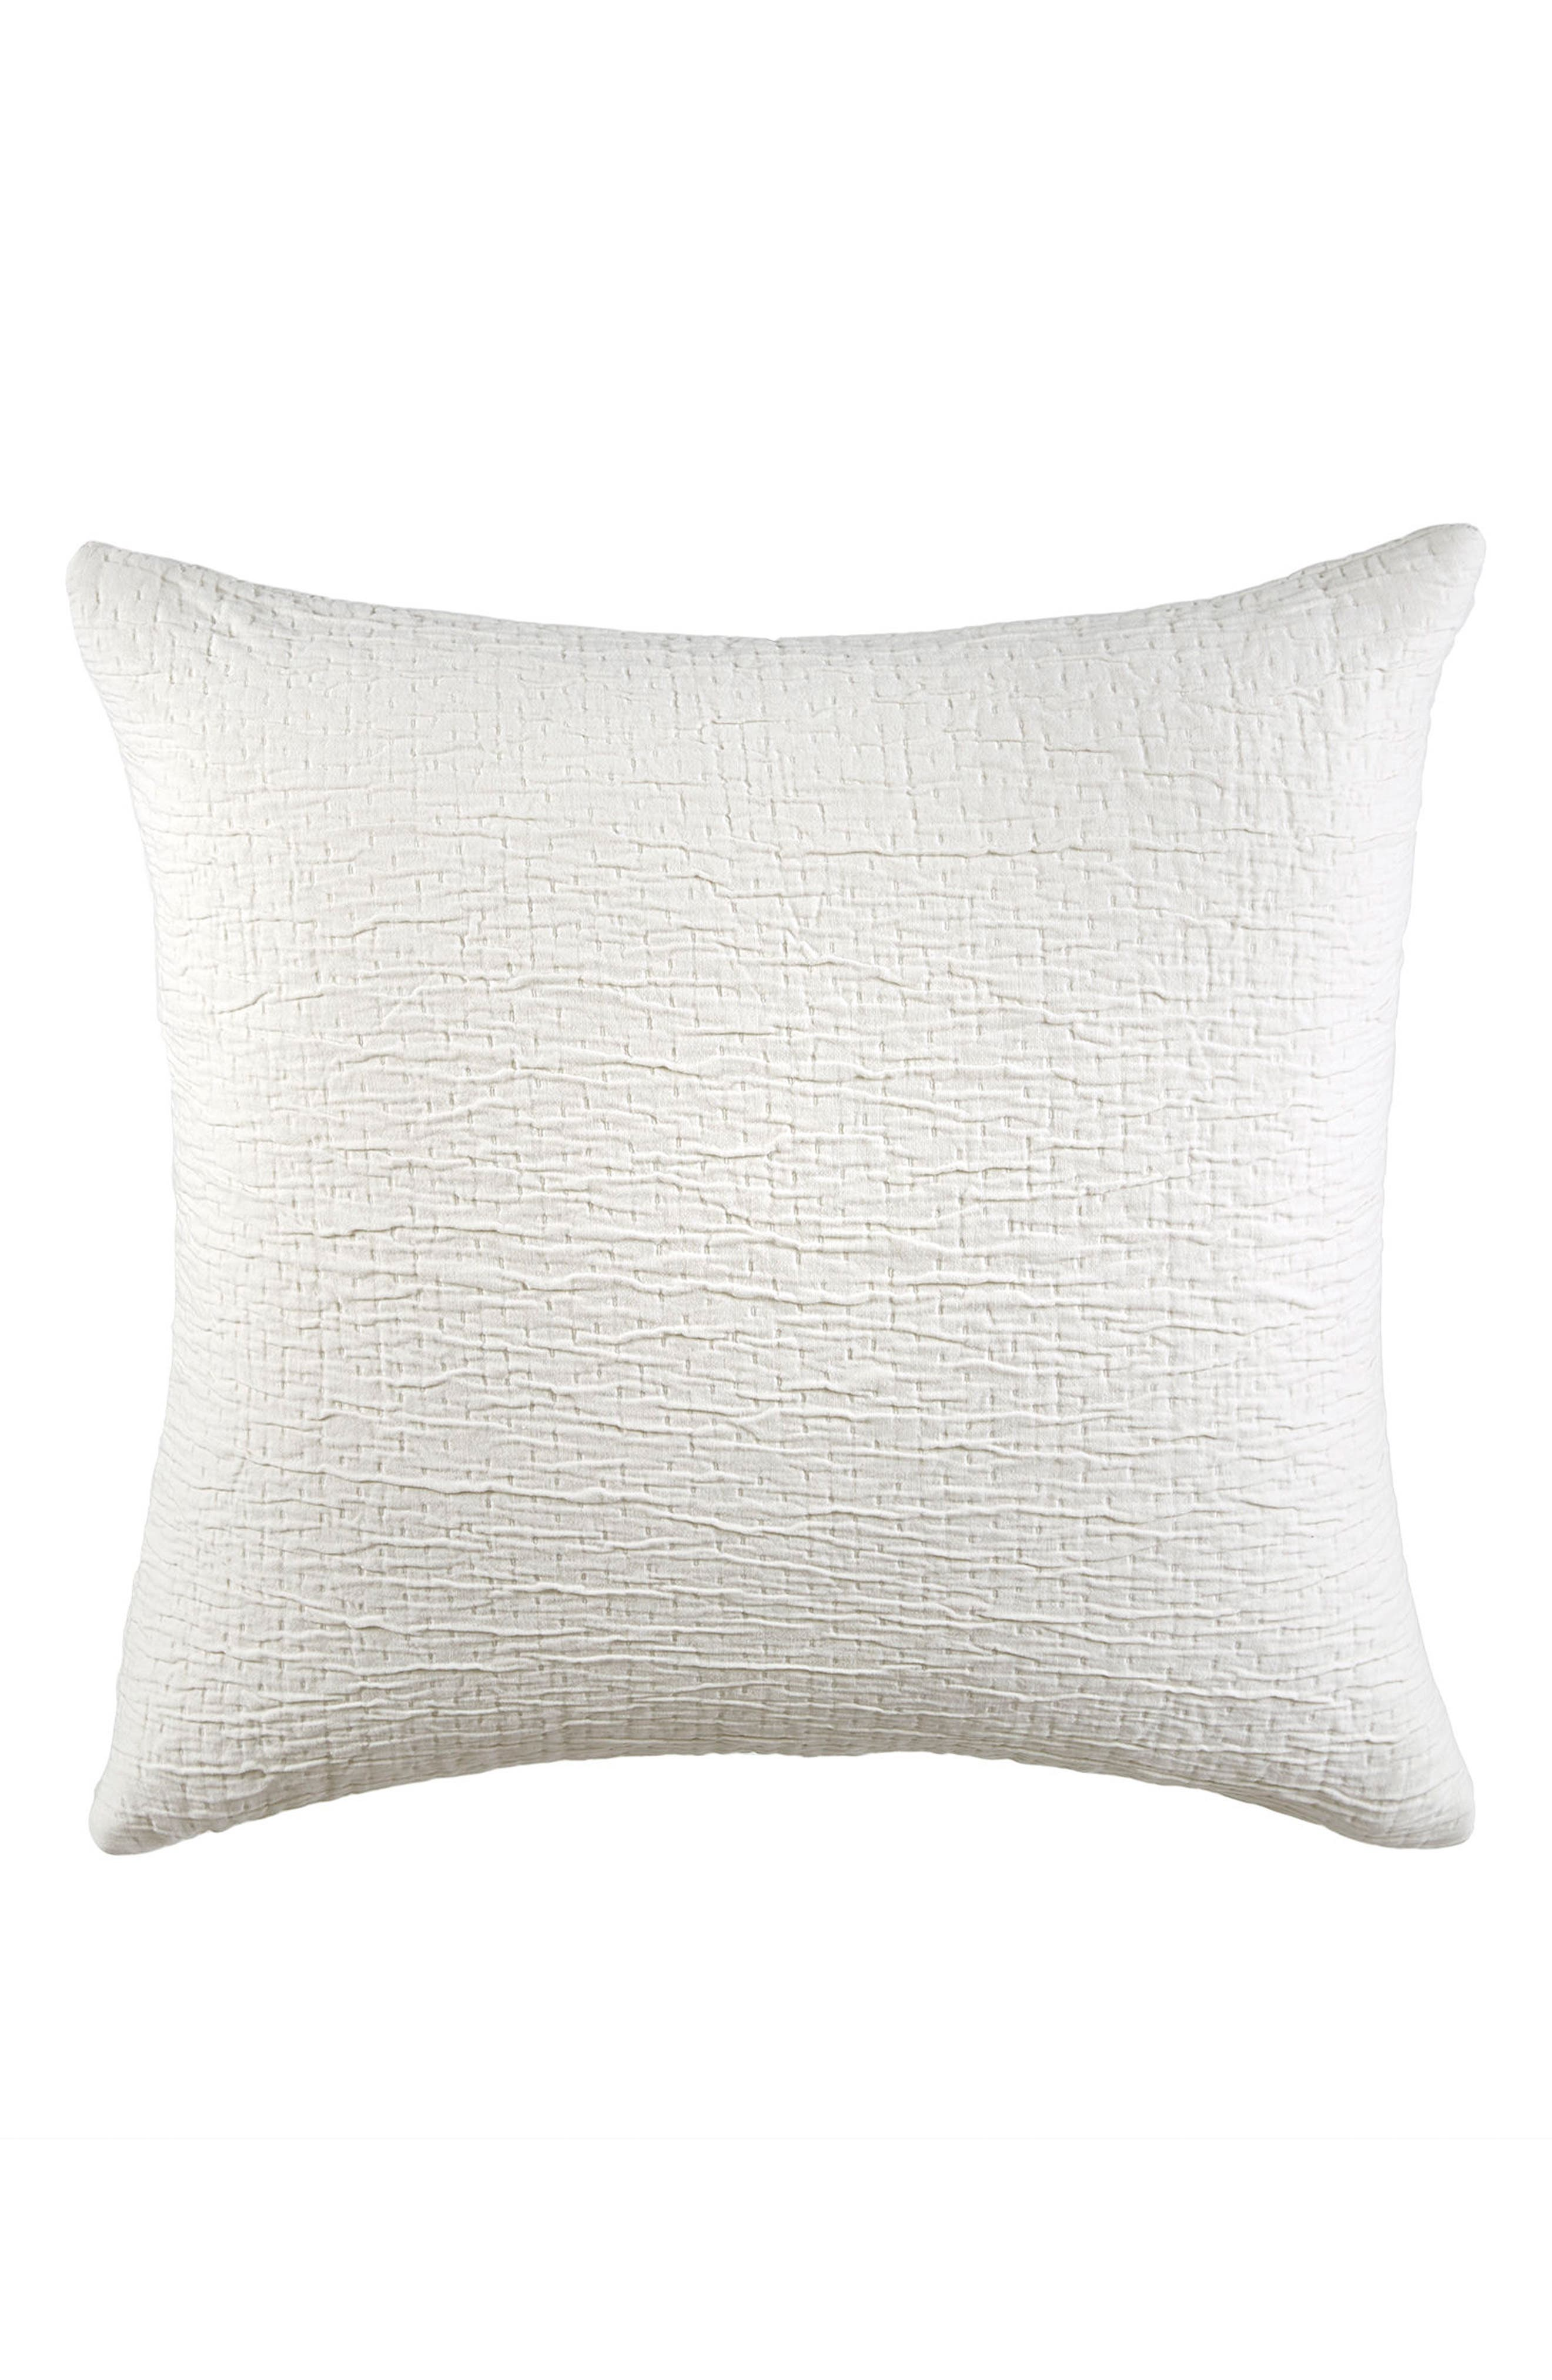 DwellStudio Woodgrain Matelassé Accent Pillow